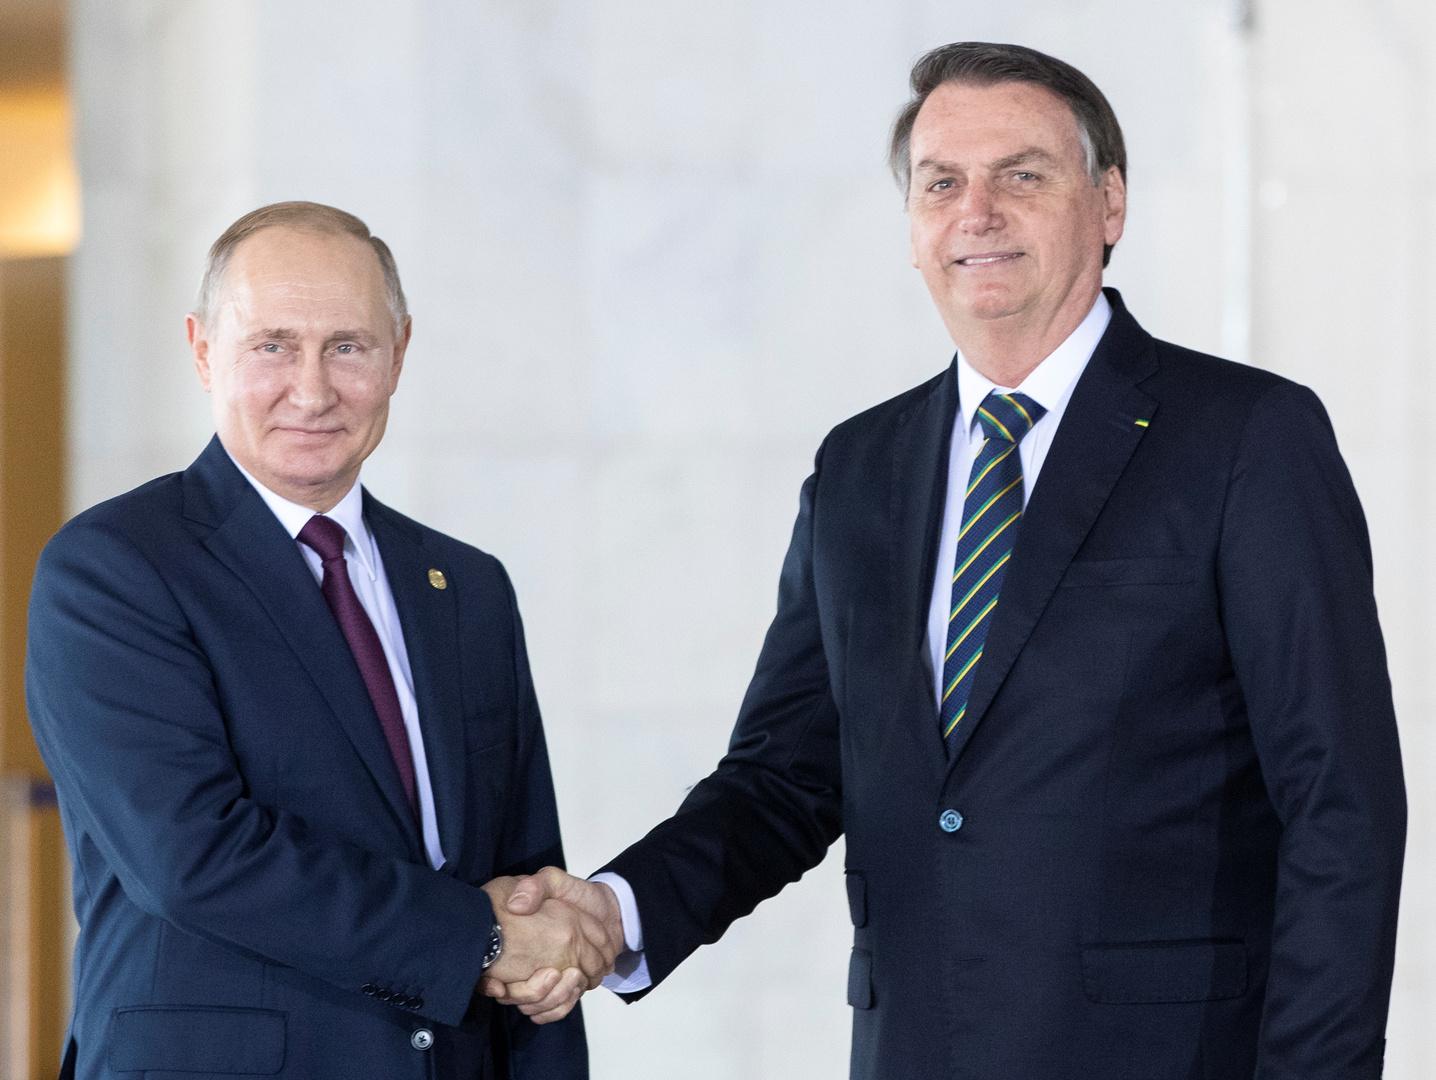 وسائل إعلام: بولسونارو ينوي إجراء اتصال مع بوتين حول استخدام لقاح